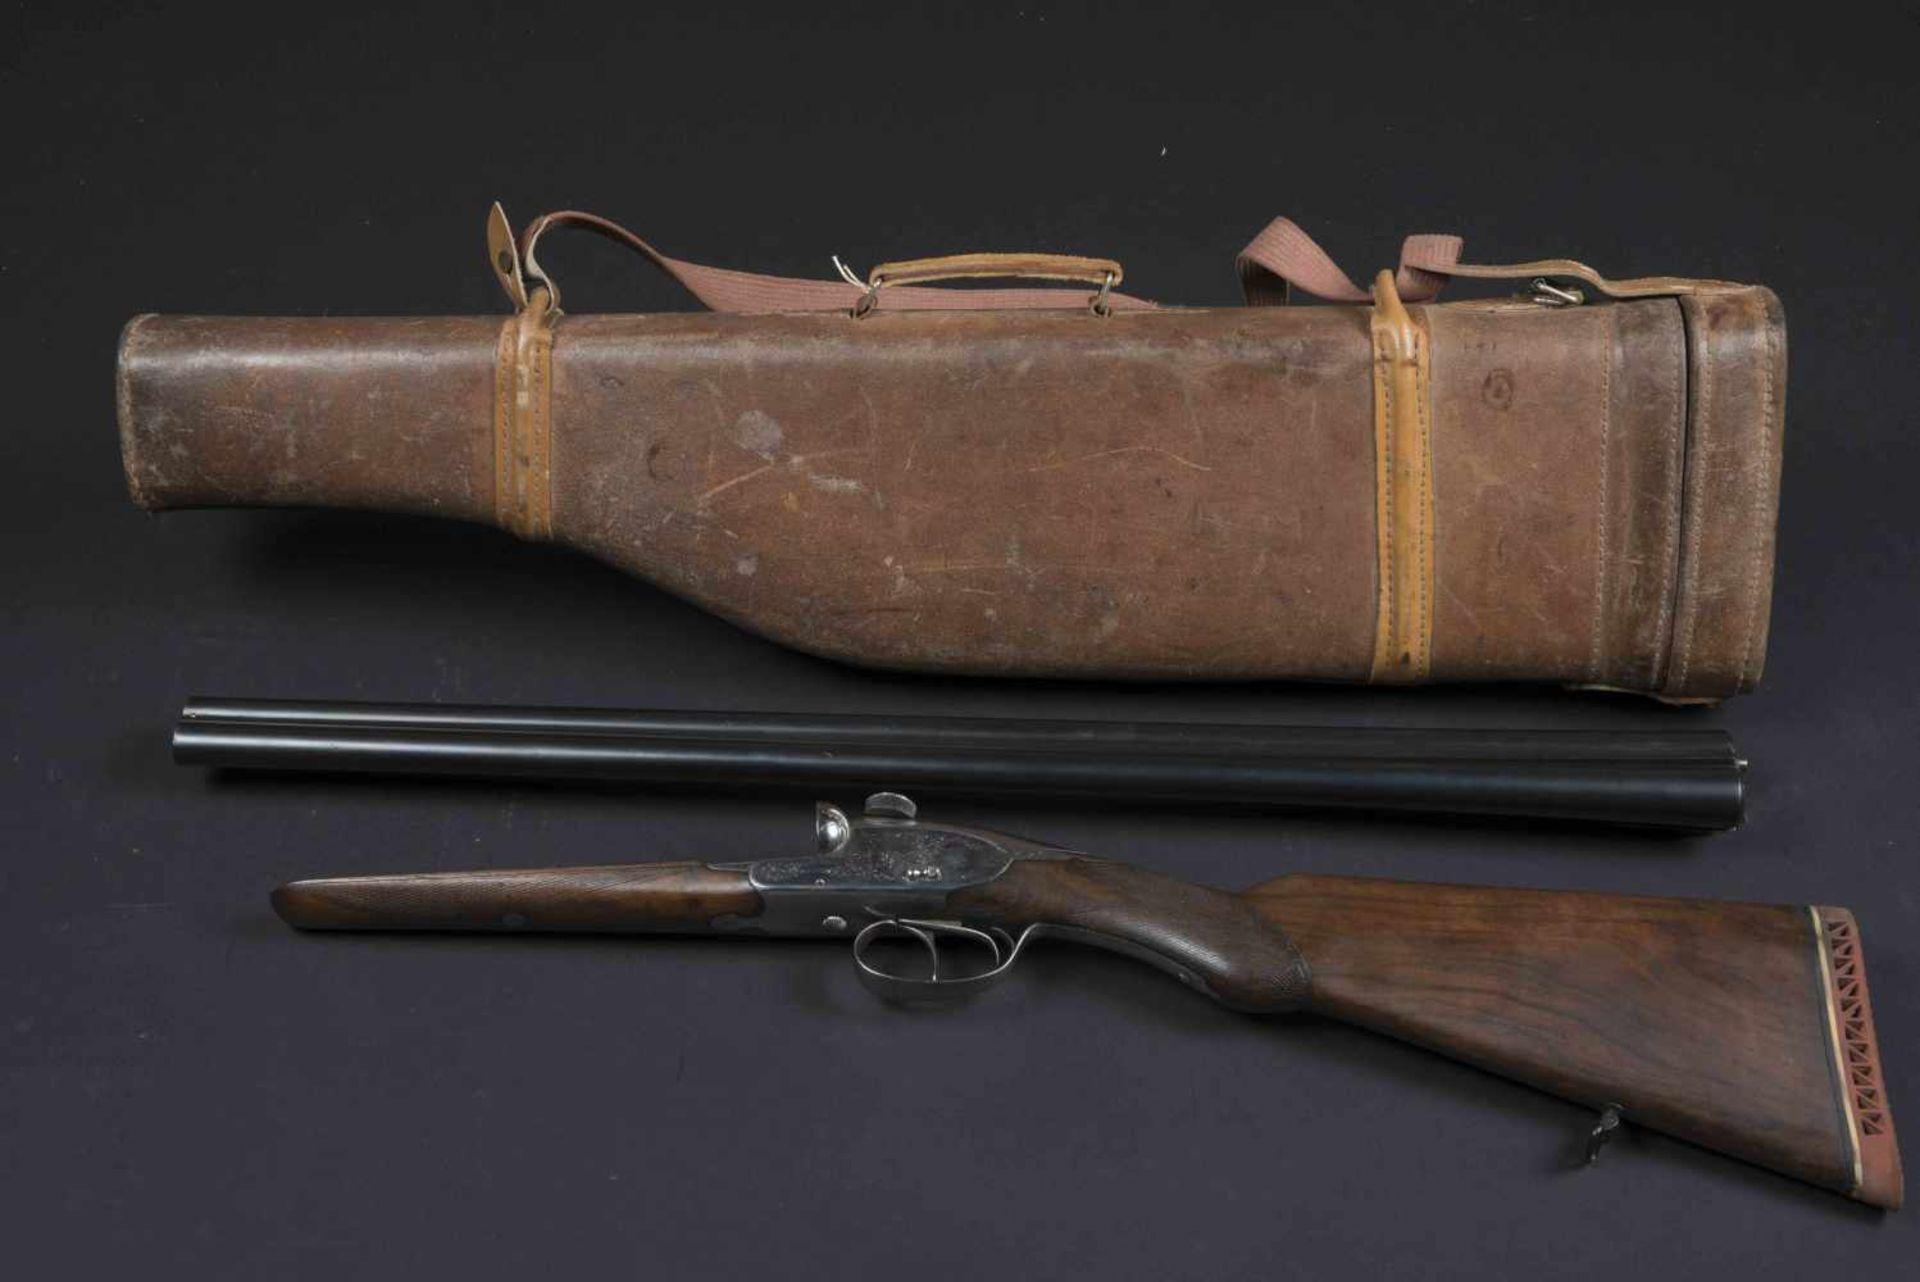 Fusil de chasse Charlin Catégorie C Plaque de couche en caoutchouc, parties métalliques ciselées.